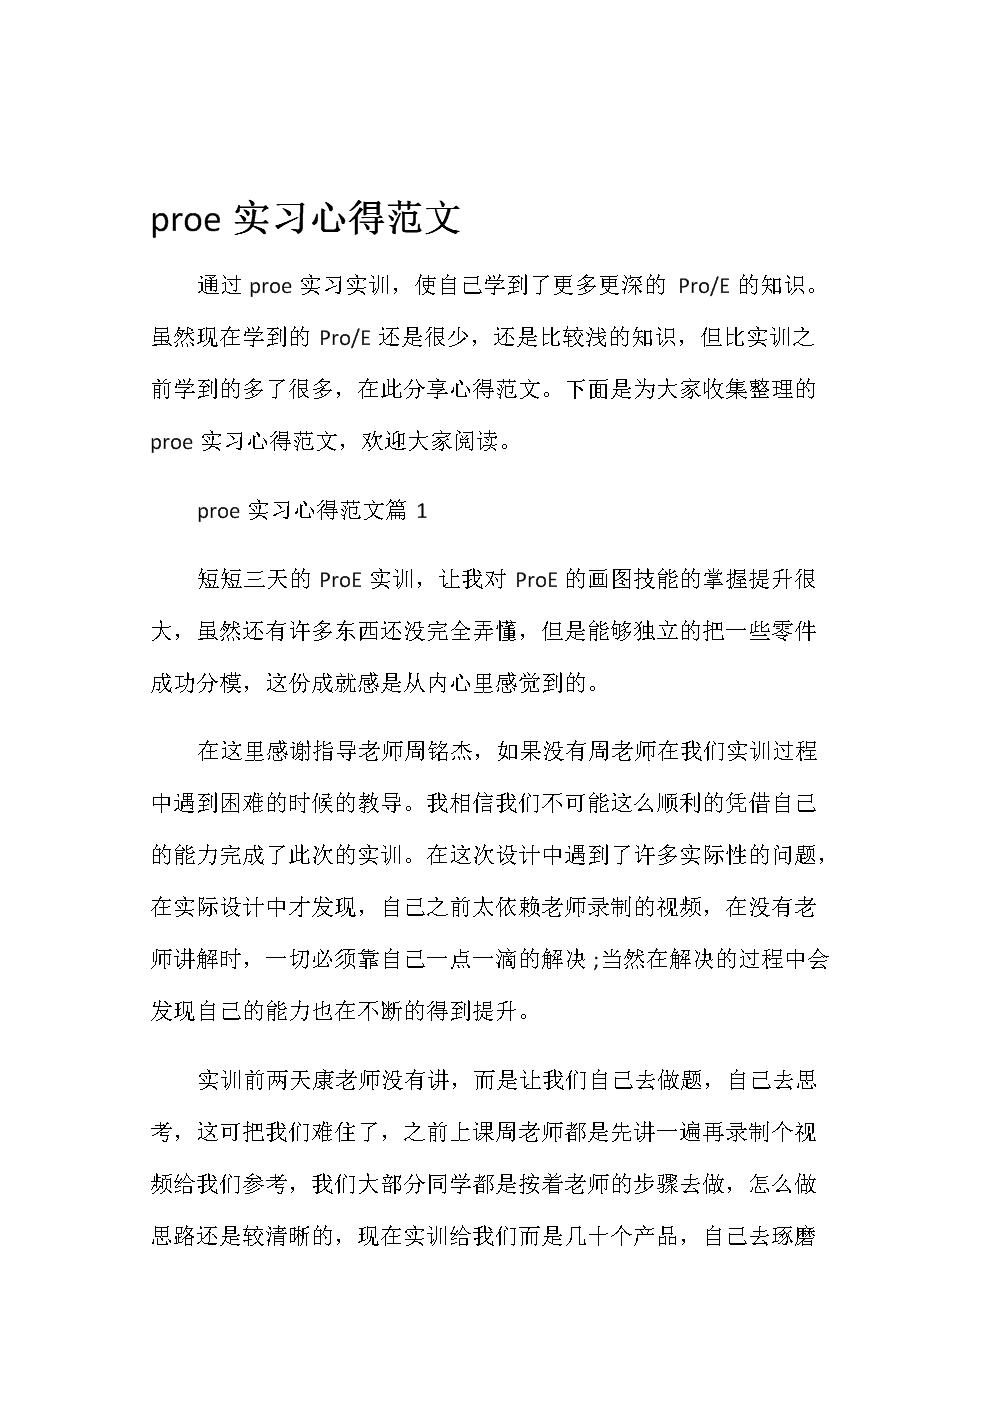 实习心得体会proe实习心得范文.doc